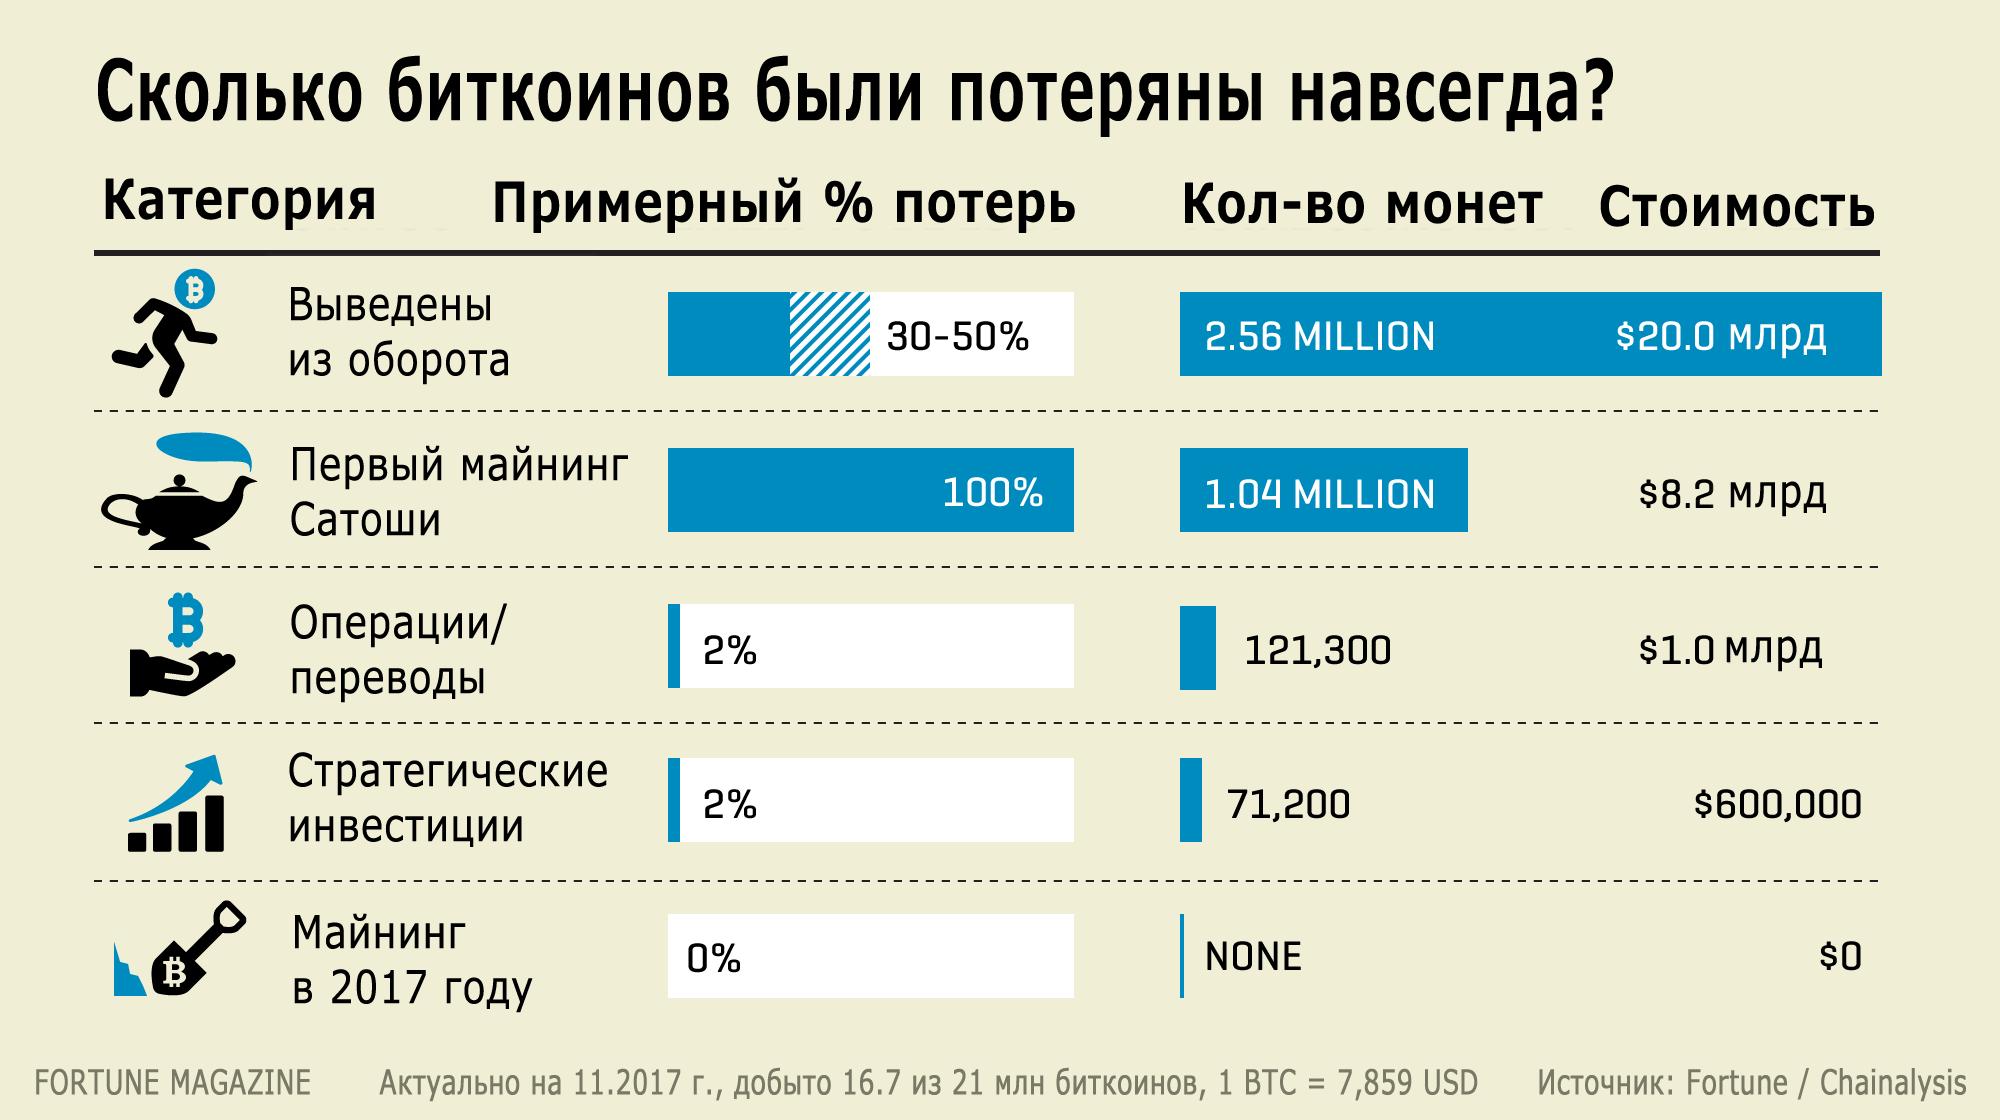 Почти 4 млн биткоинов потеряны навсегда - 1